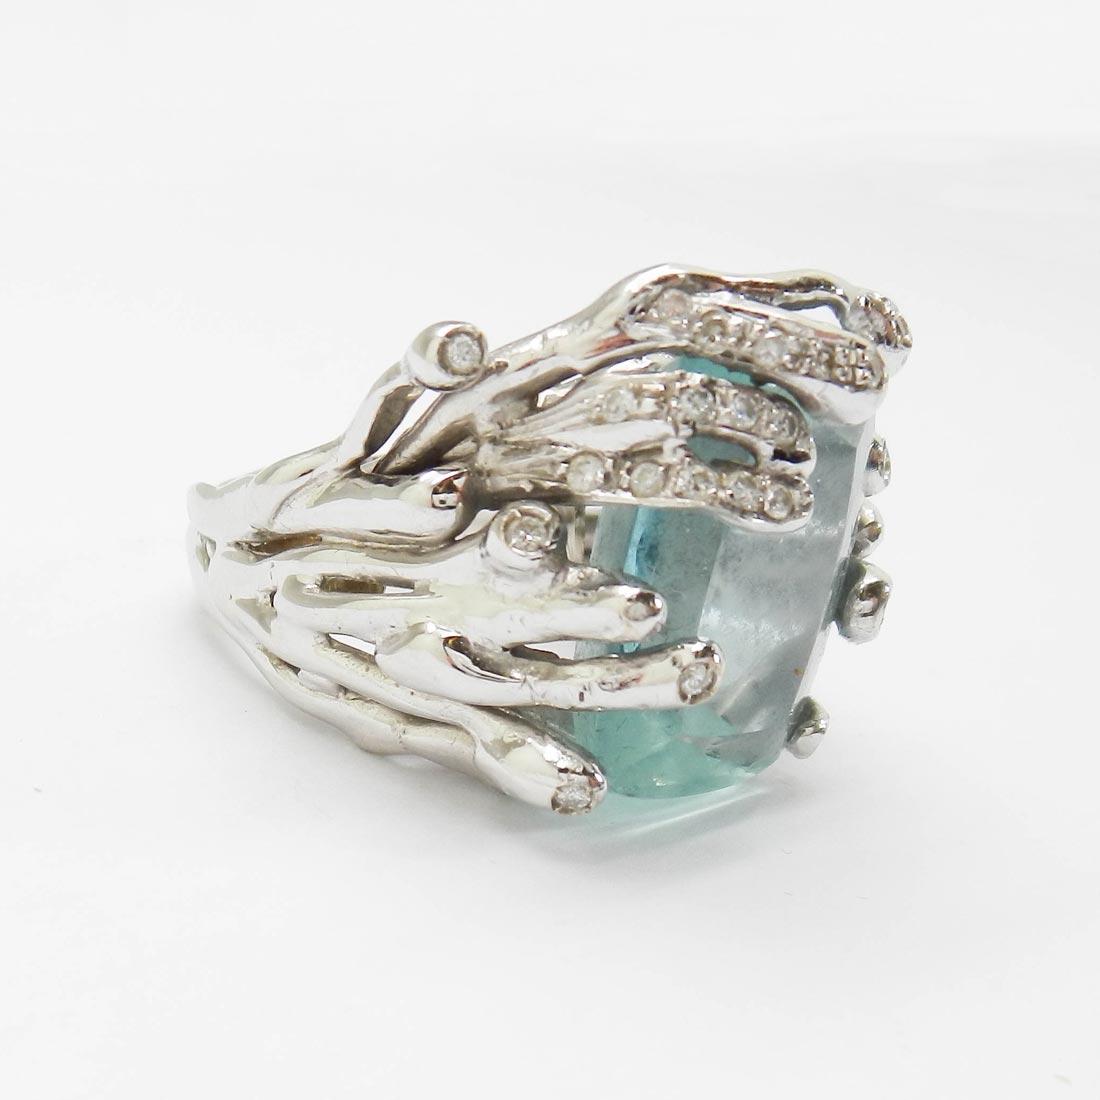 il-marchese-diamonds-diamanti-gioielli-artigianali-anello-acquamarina-oro-bianco-3